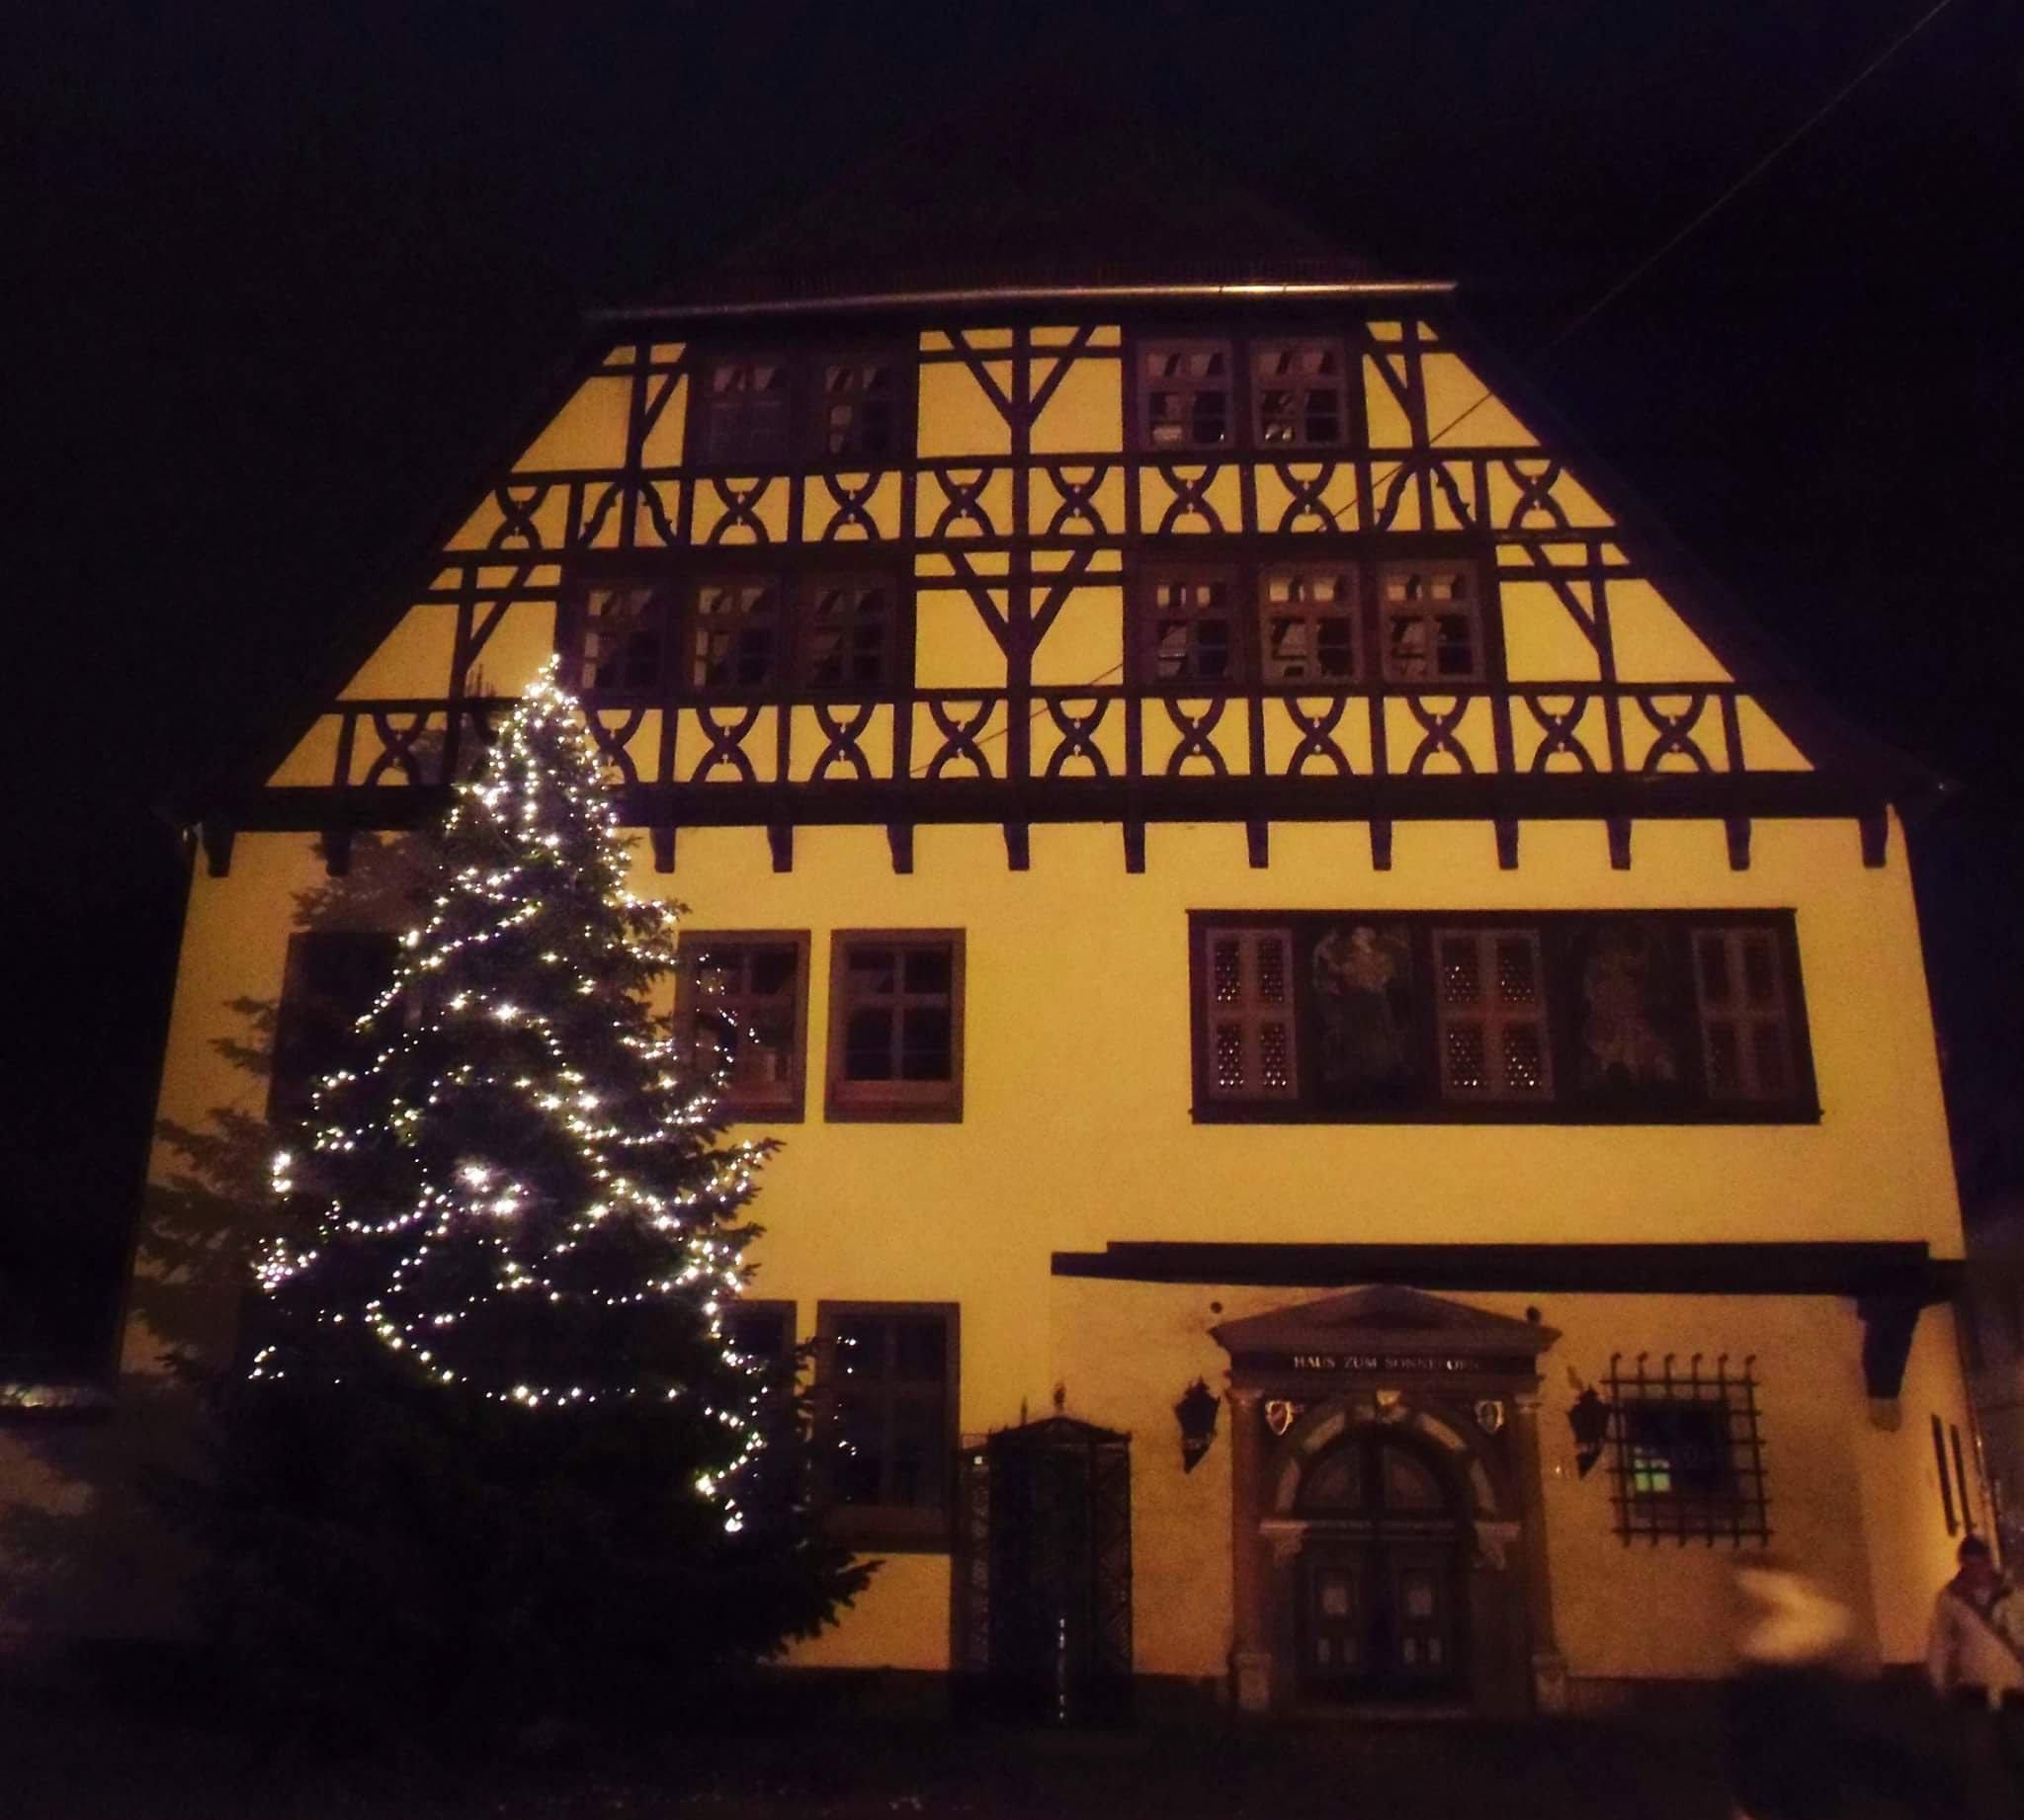 Weihnachten Erfurt Hochzeitshaus